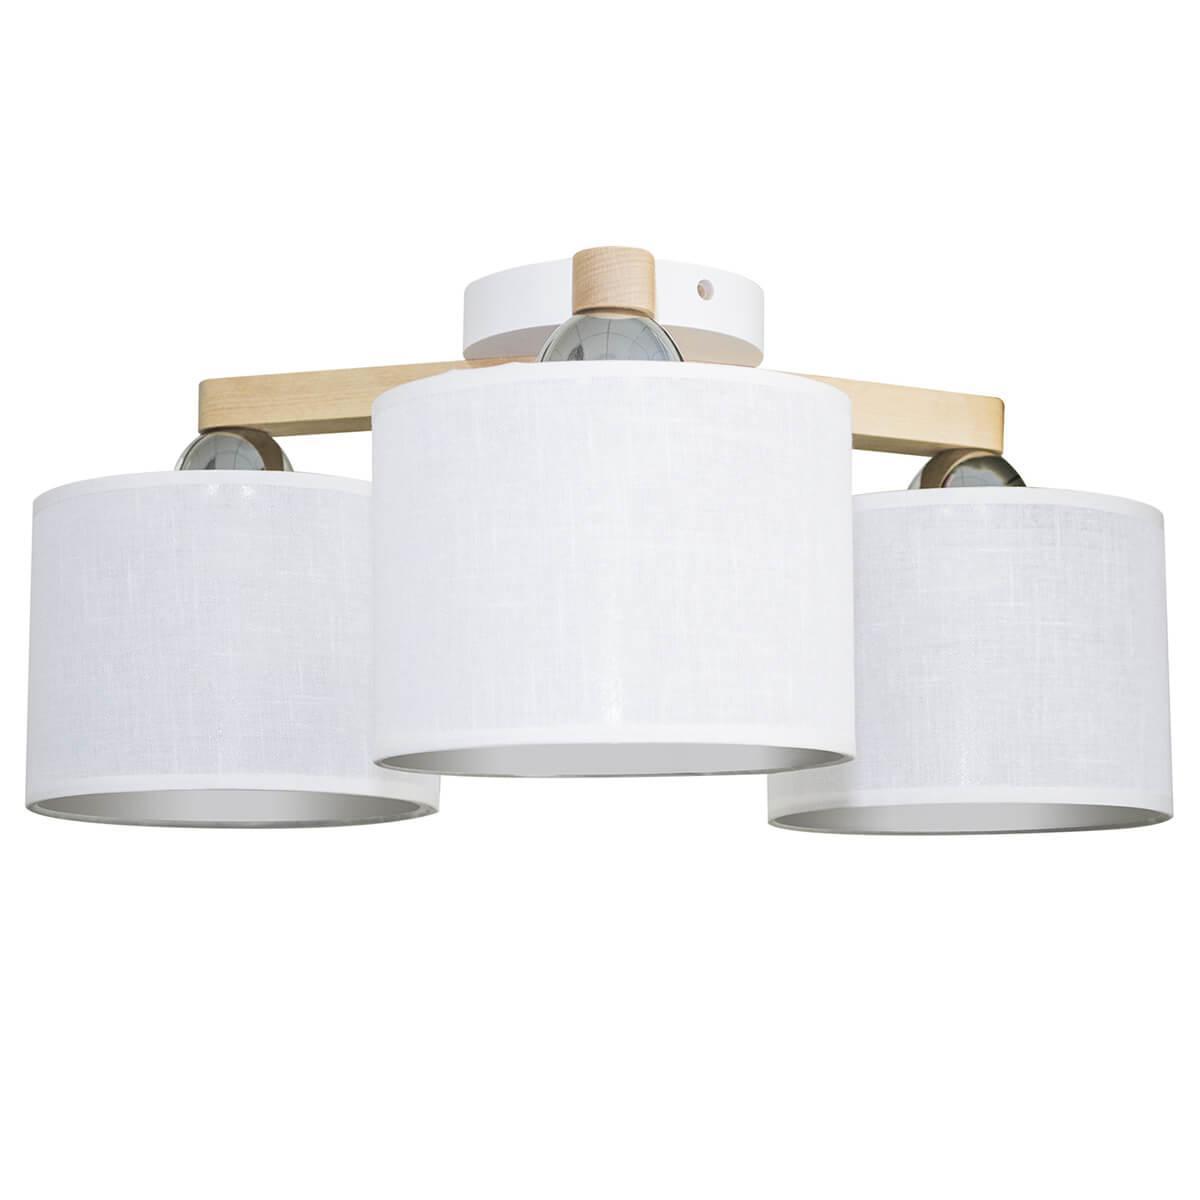 Фото - Потолочный светильник Дубравия 212-51-23, E27, 60 Вт подвесной светильник дубравия лори 181 41 23